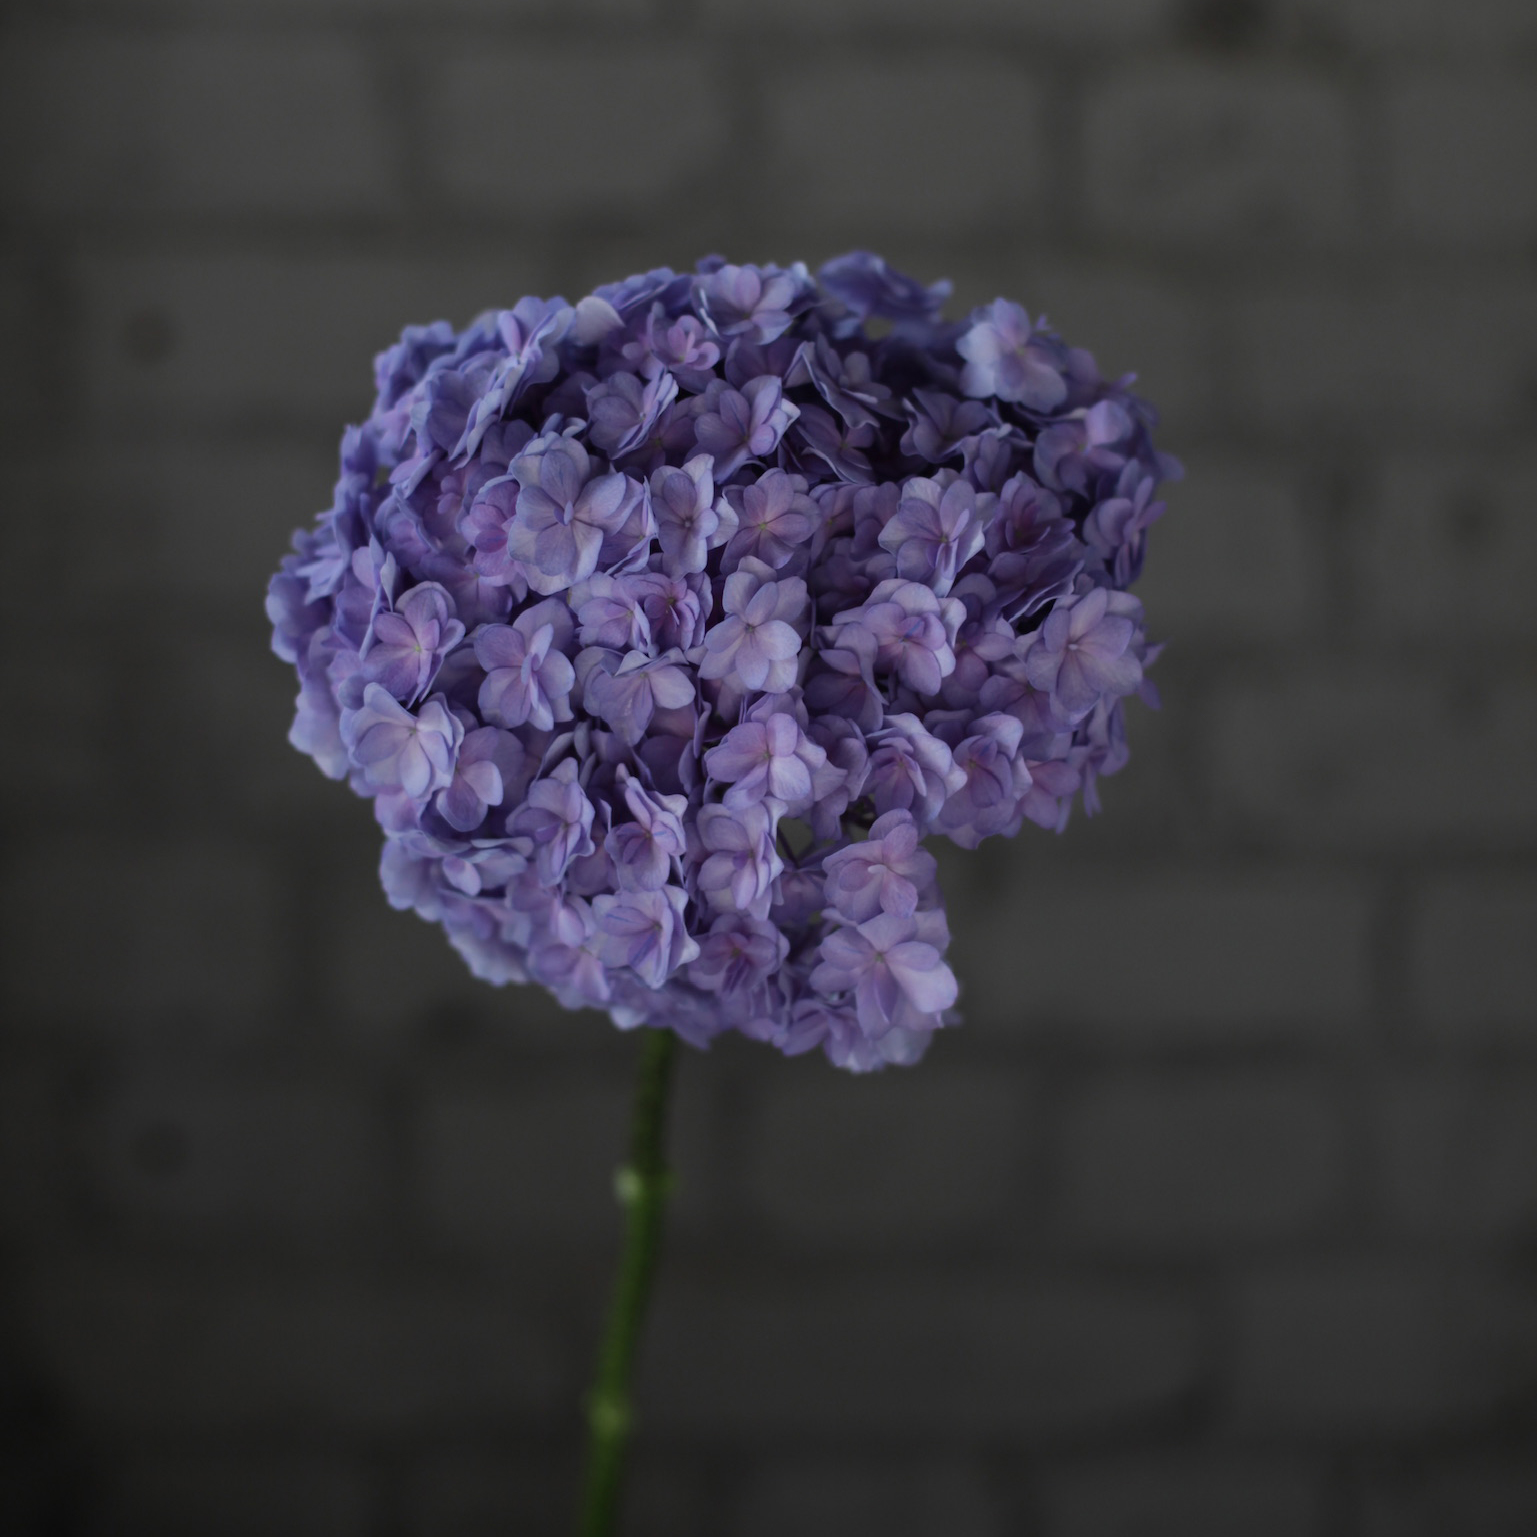 Цветы «Цветы «D&K Flowers House»: Гортензия крупнолистовая LUXOR